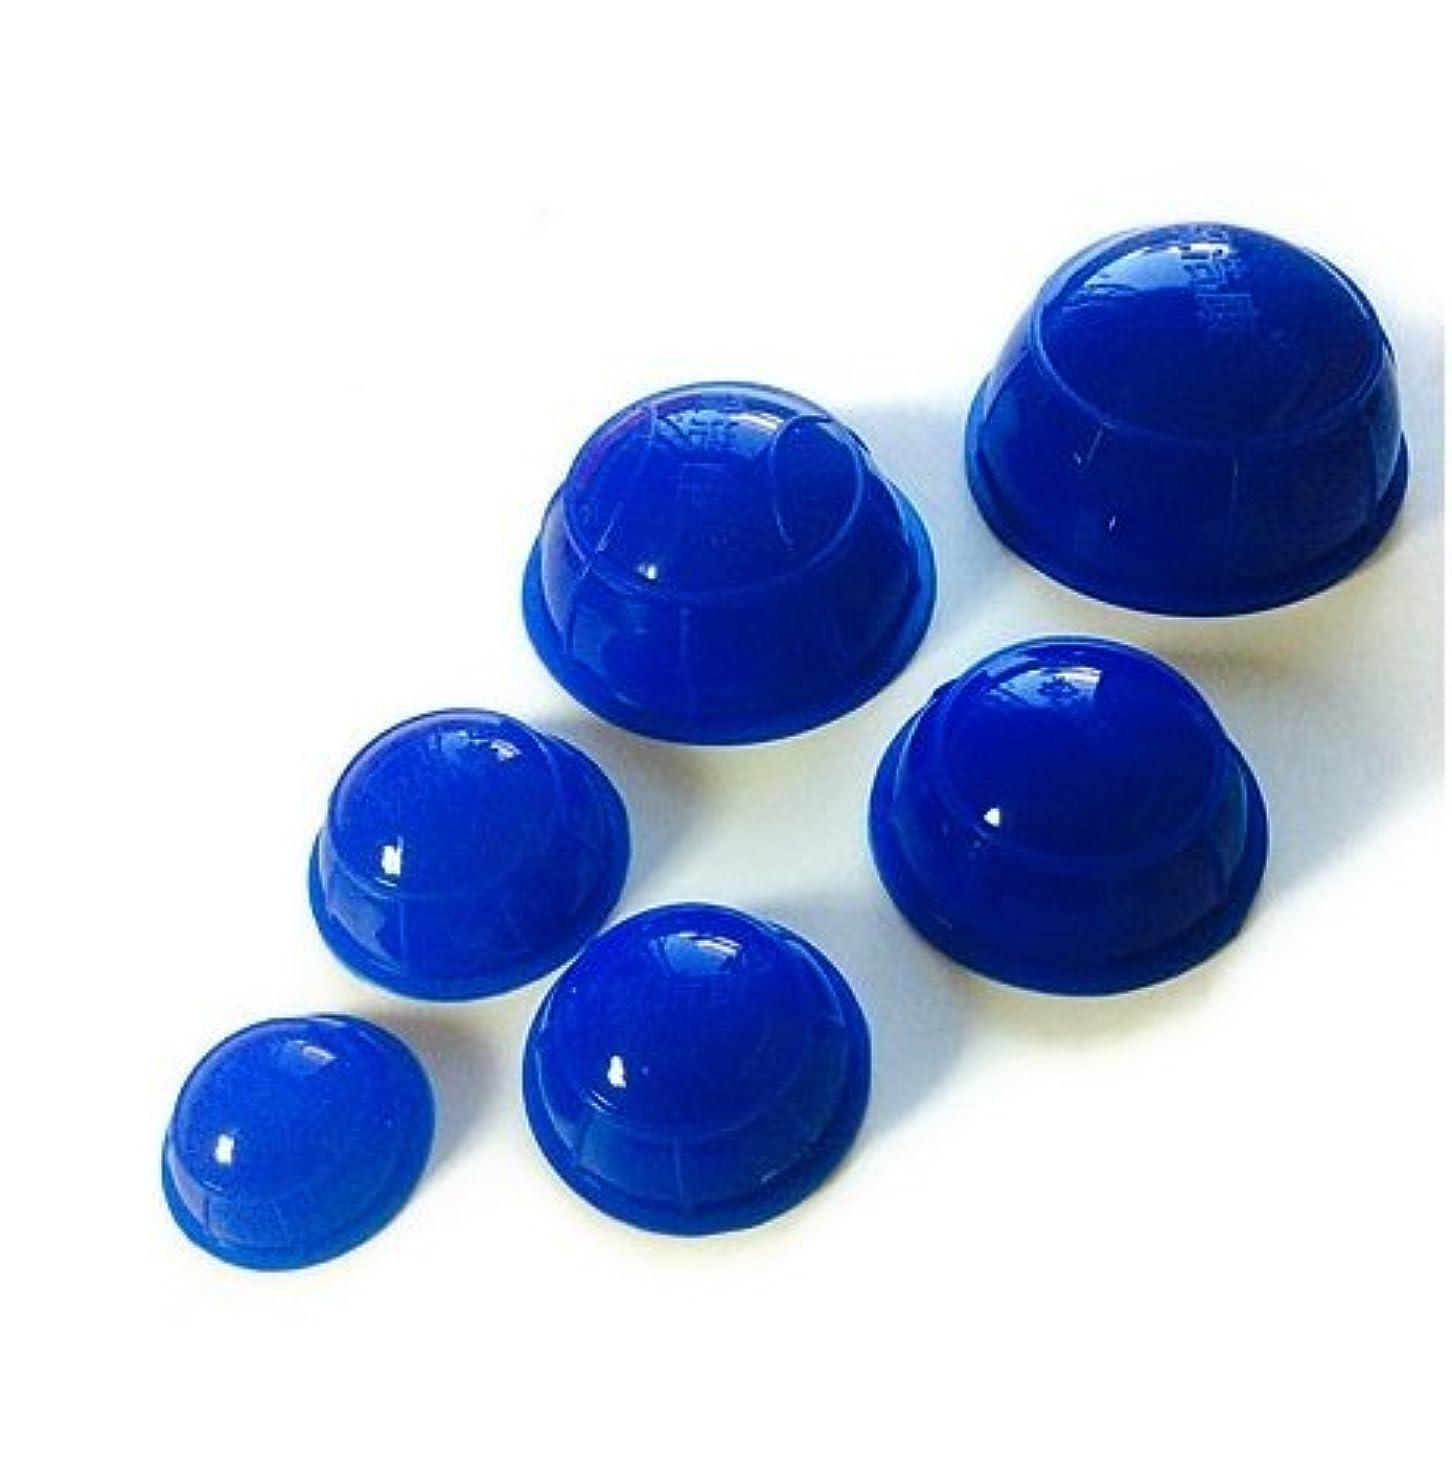 役に立つ私たち自身パイント簡易 吸い玉6個セット ブルー 大中小5種類の大きさ